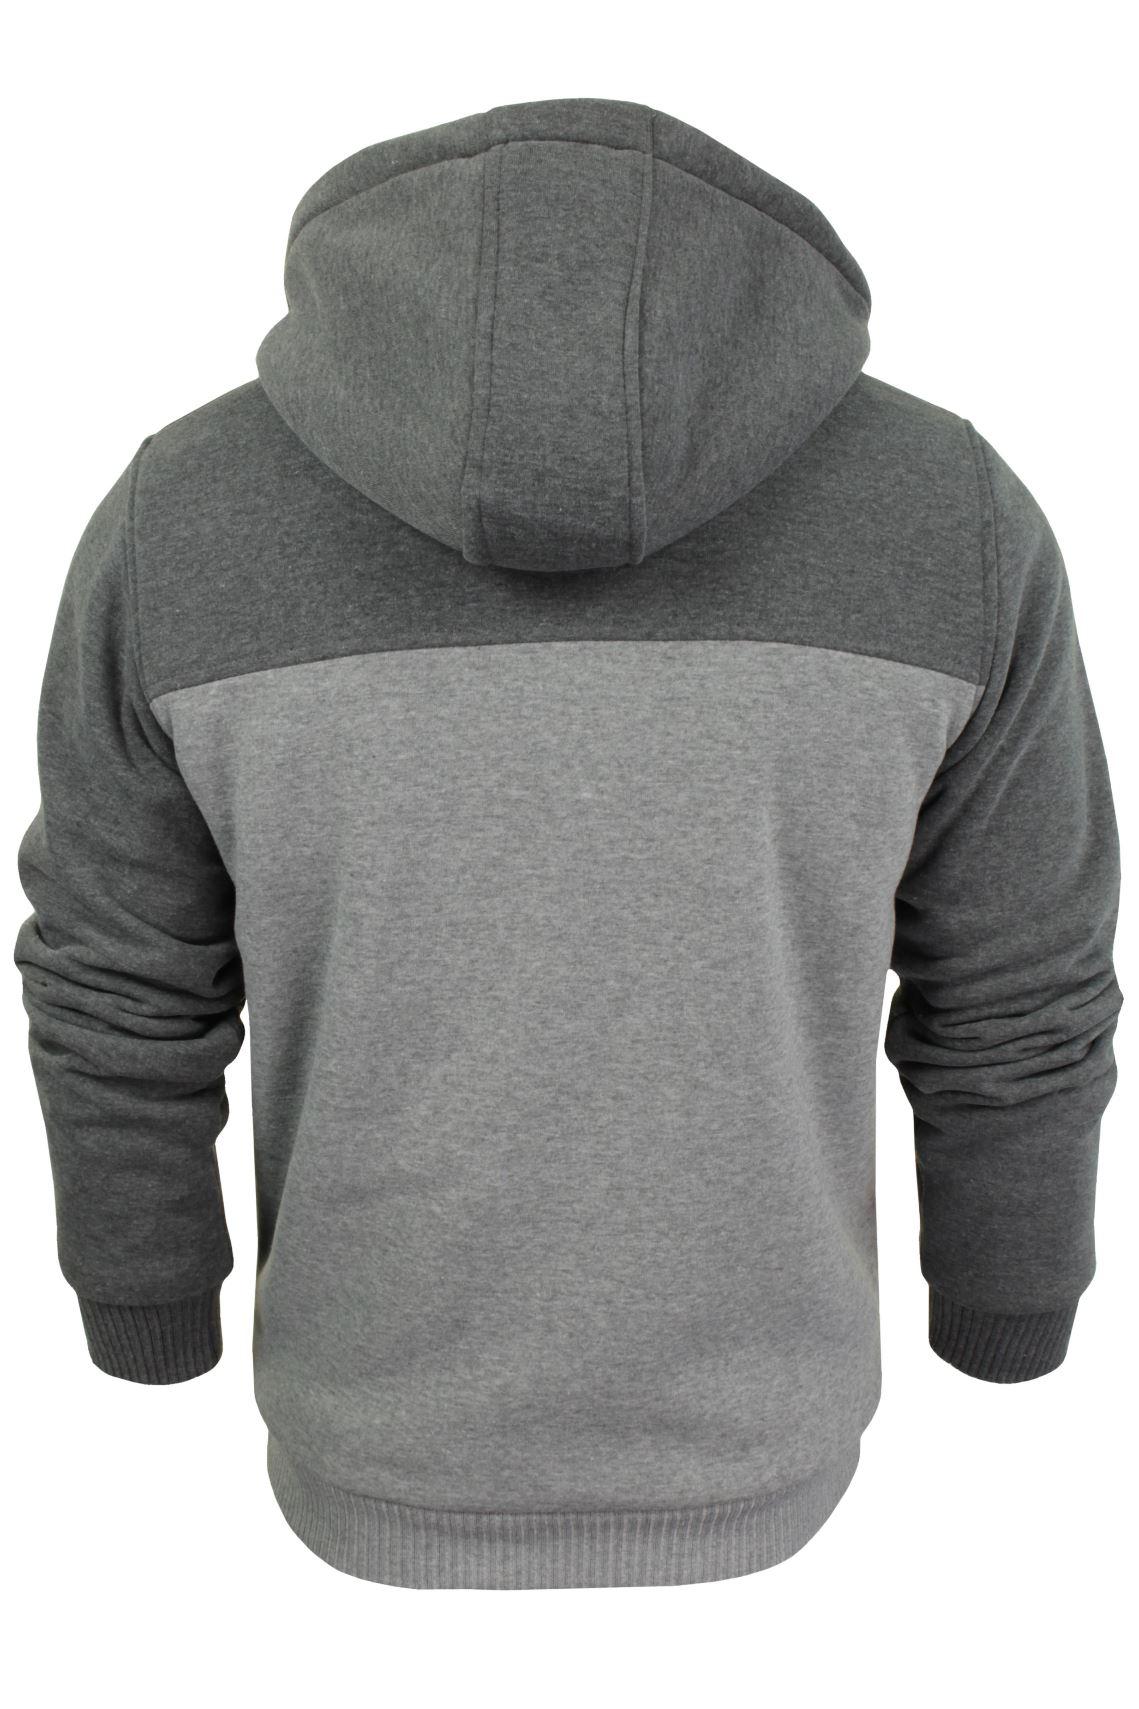 Brave-Soul-Mens-Hooded-Sweatshirt-Jumper-039-Zone-039-Hoodie-Sherpa-Lined thumbnail 11